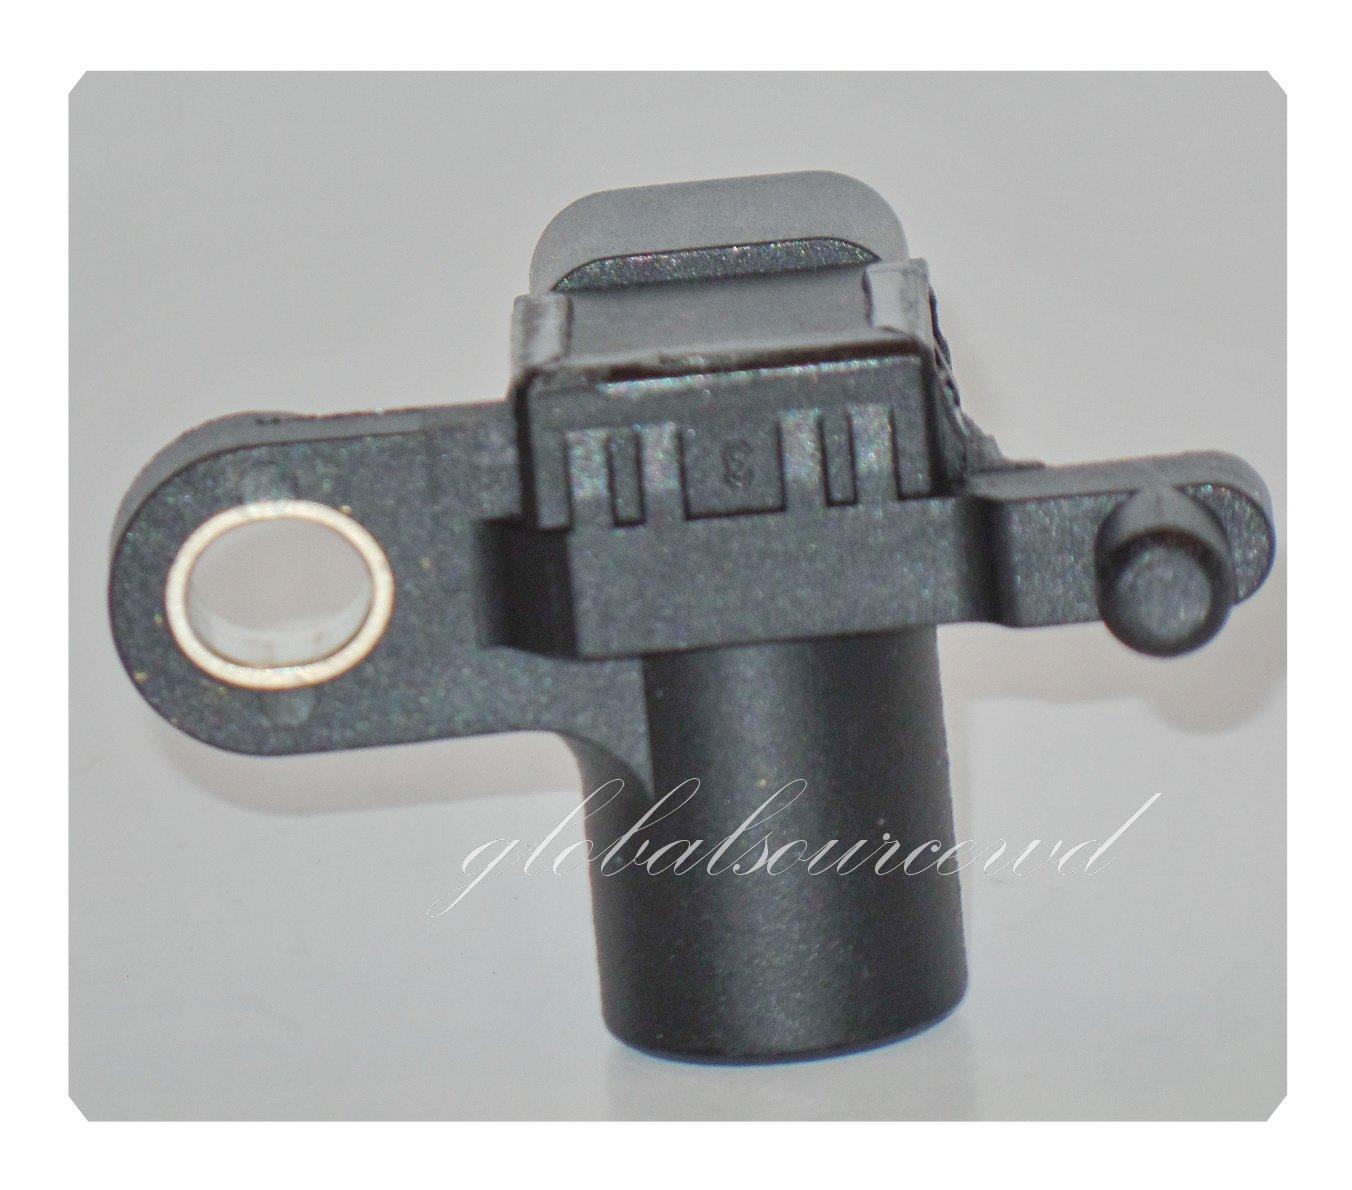 37840PLC006 37840-PLC-006 Engine Camshaft Position Sensor Fits:Acura EL2004-2005 /& Honda Civic 2001-2002-2003-2004-2005 4cyl 1.7L